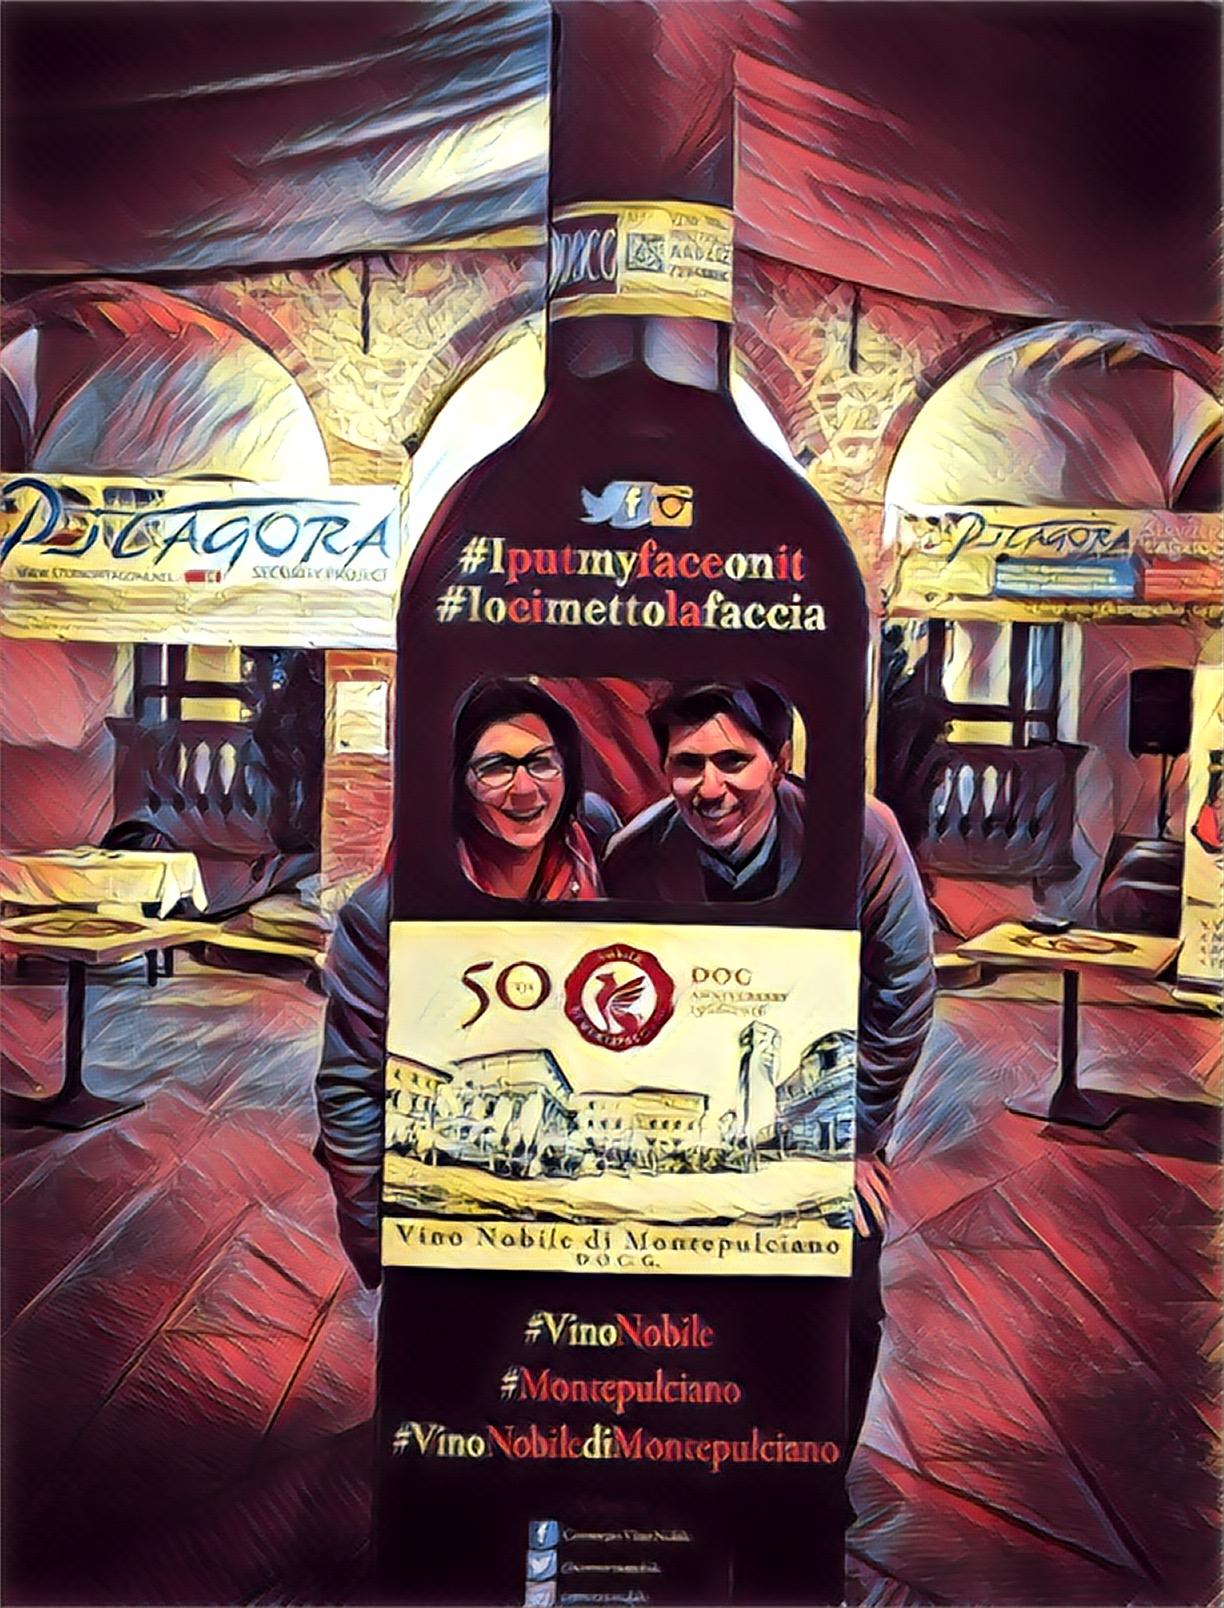 50° Consorzio Vino Nobile